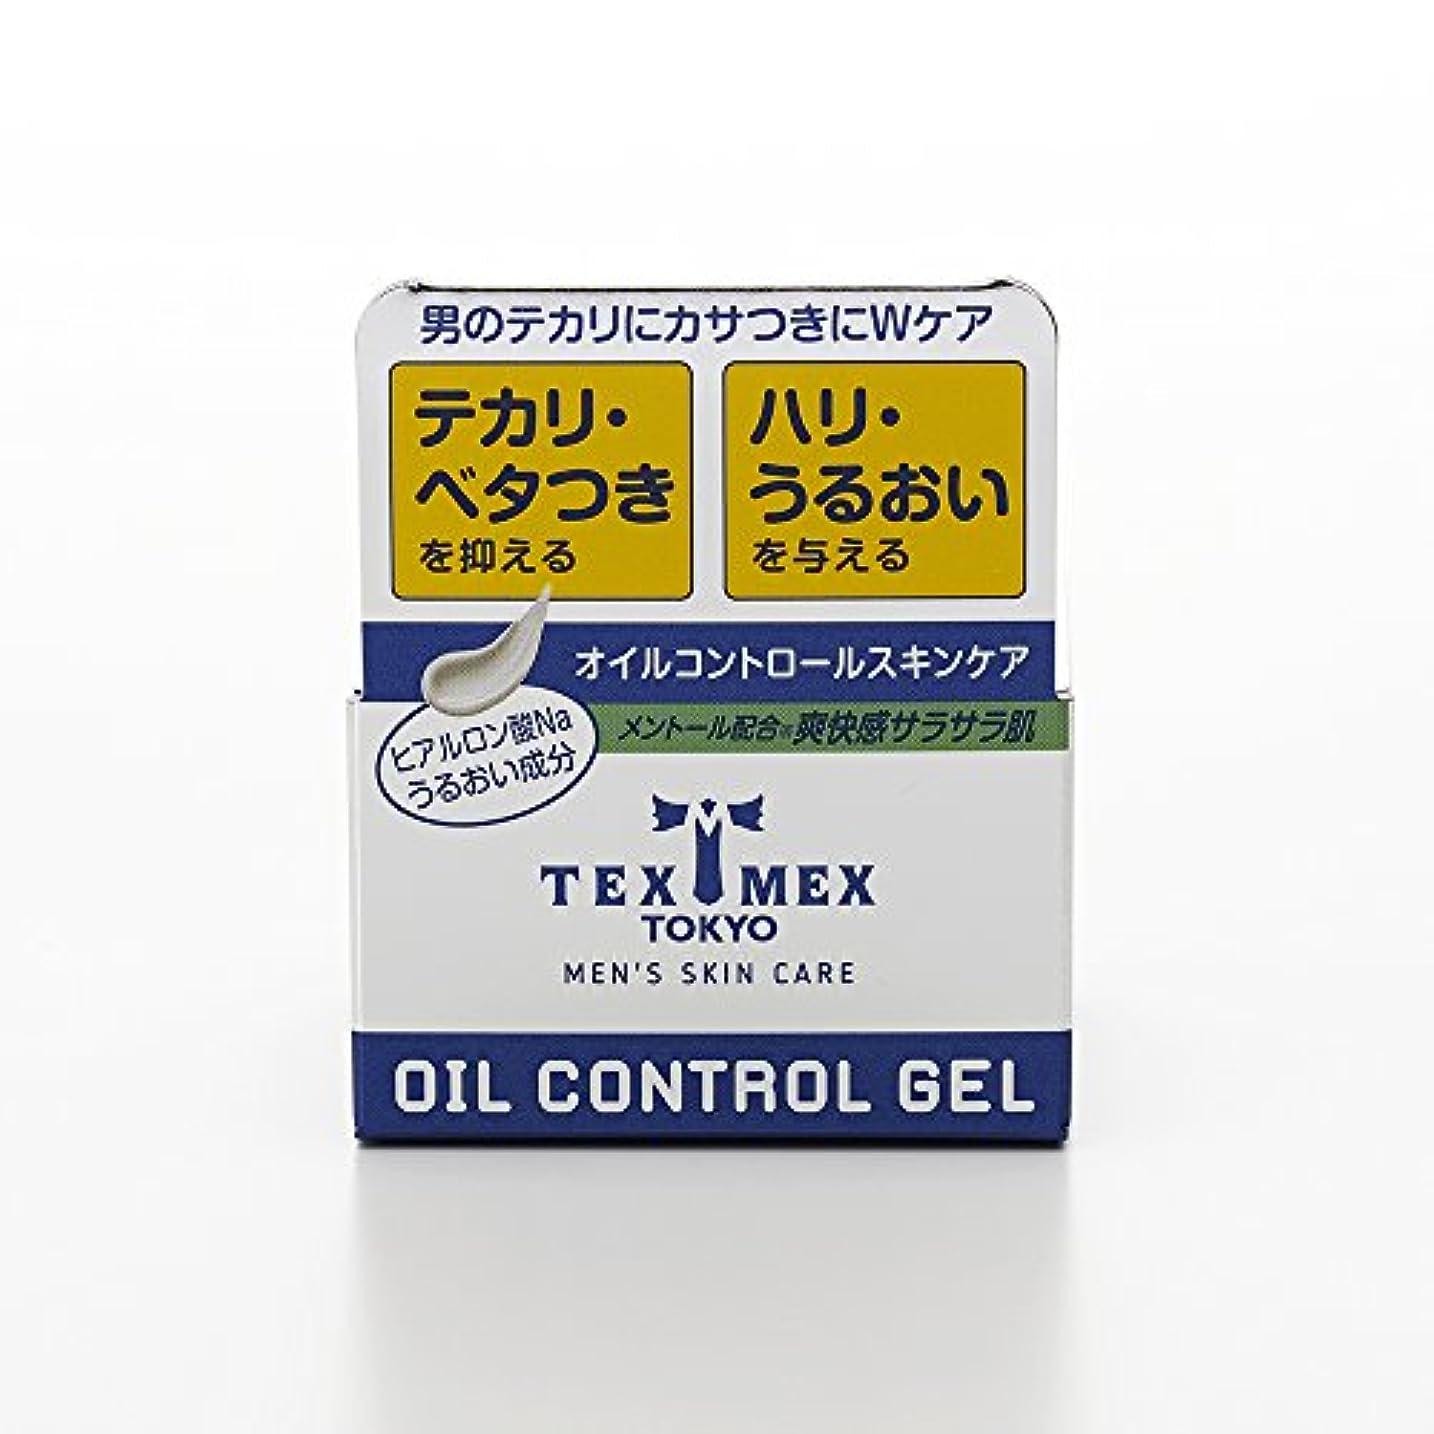 静める害望むテックスメックス オイルコントロールジェル 24g (テカリ防止ジェル) 【塗るだけでサラサラ肌に】